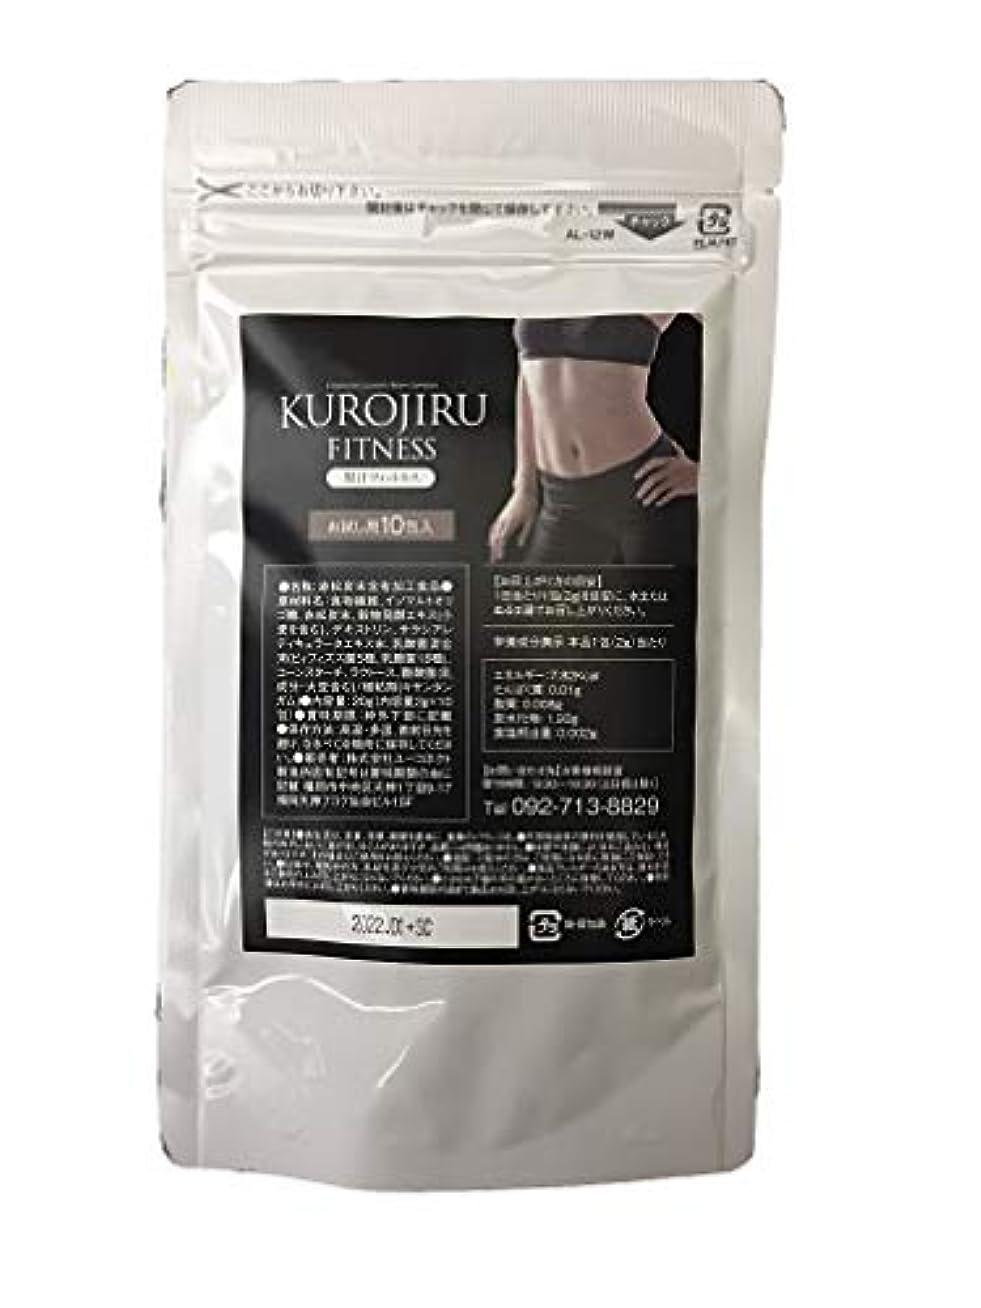 後方パス不運黒汁フィットネス(KUROJIRU FITNESS) 10包 チャコールクレンズ 赤松活性炭 オリゴ糖 サラシアエキス 酵素